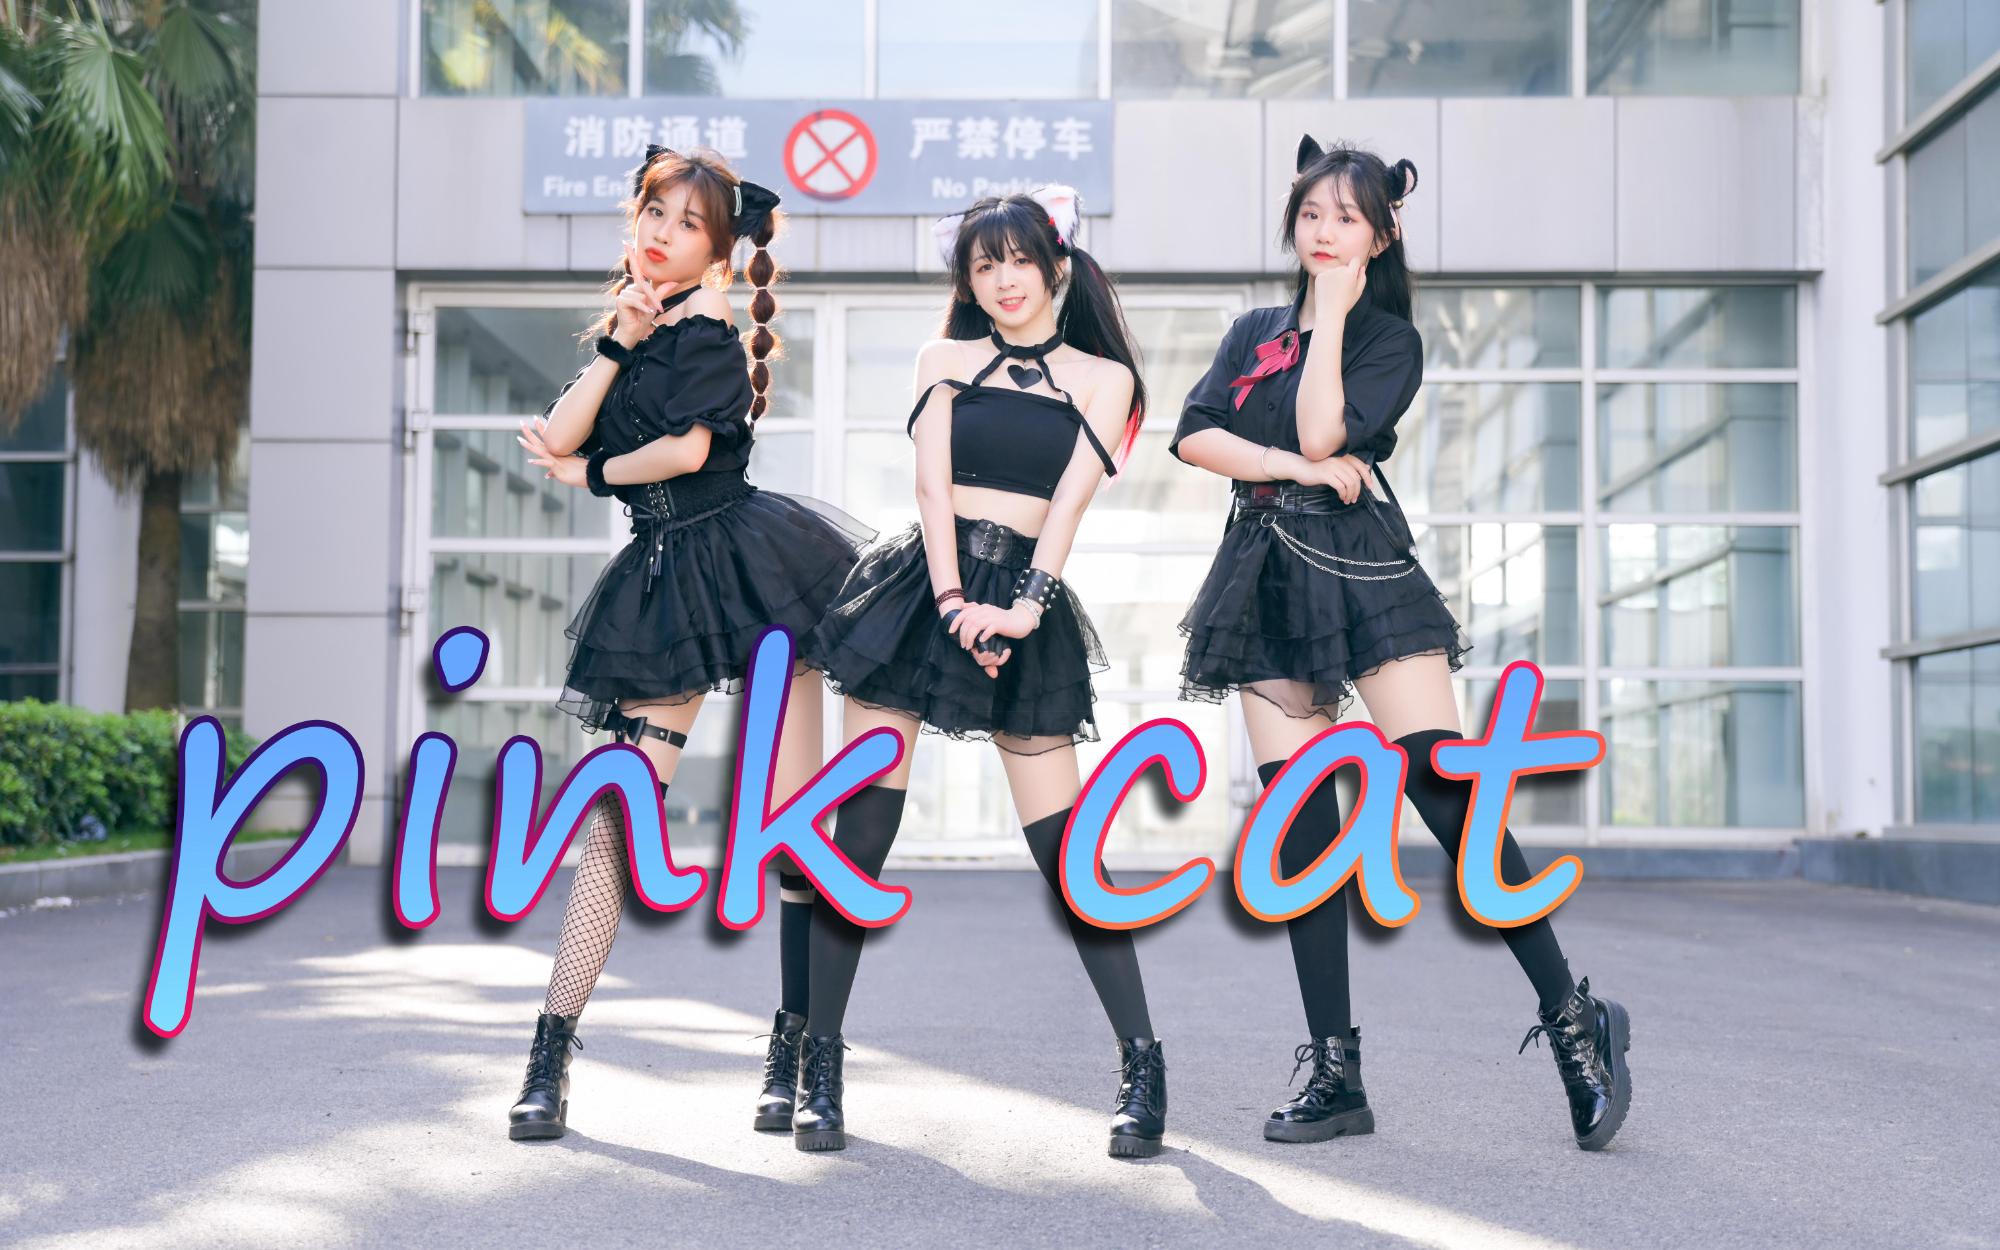 【卿斗×棠樱×雨柒】pink cat快看!这里有三只大胆的猫咪正在向你发起爱的攻势(☆▽☆)